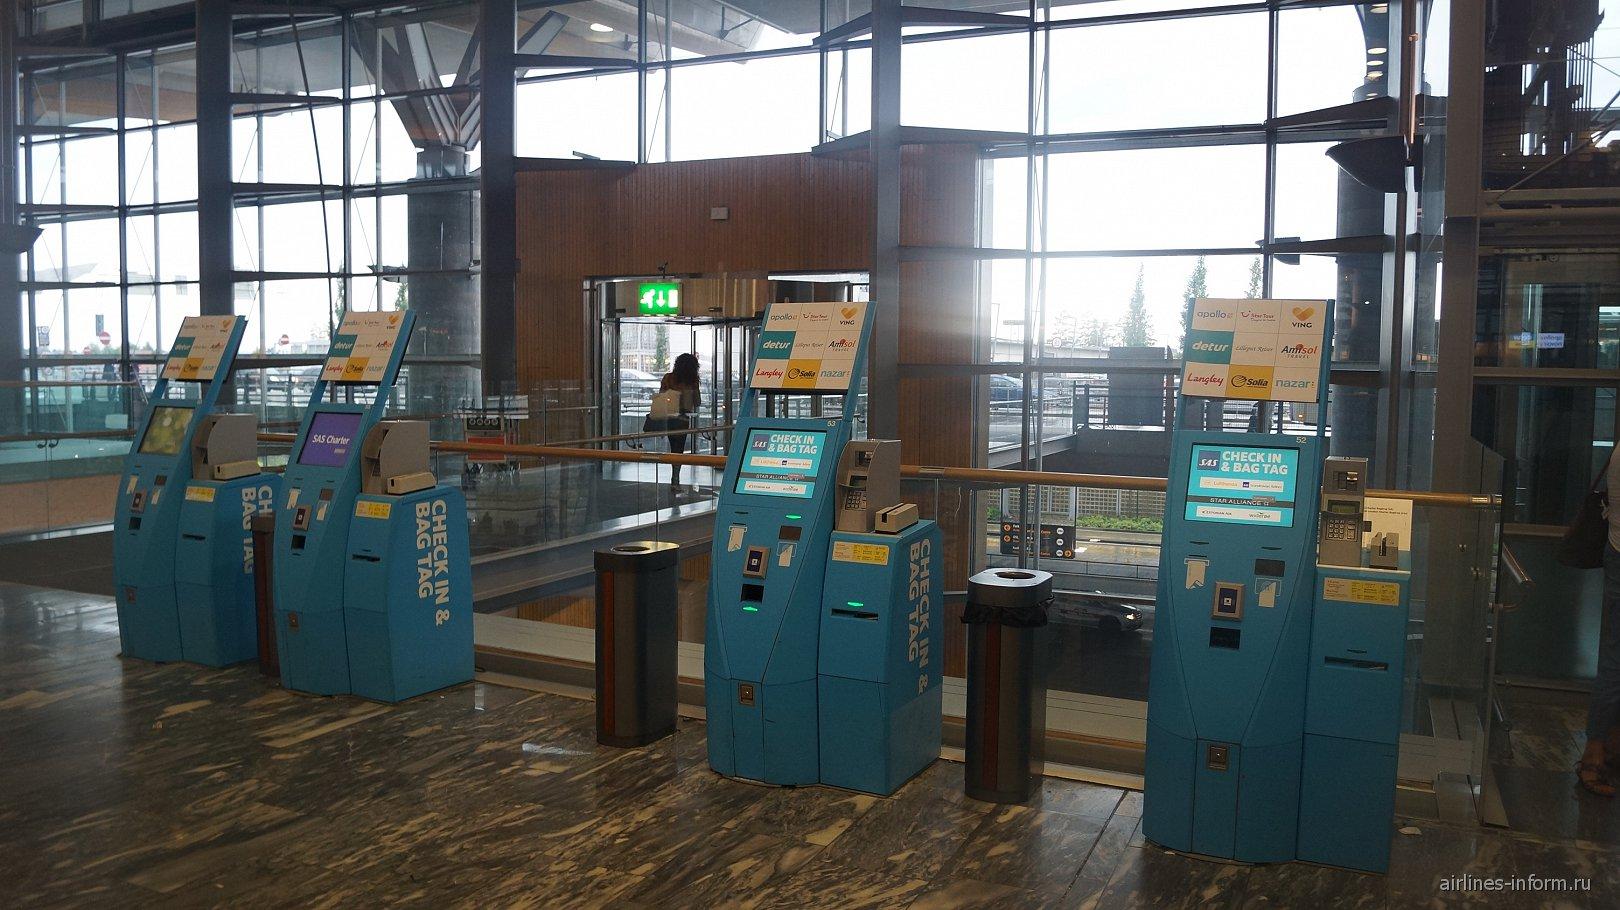 стойки самостоятельной регистрации авиакомпании SAS в аэропорту Осло Гардермуэн